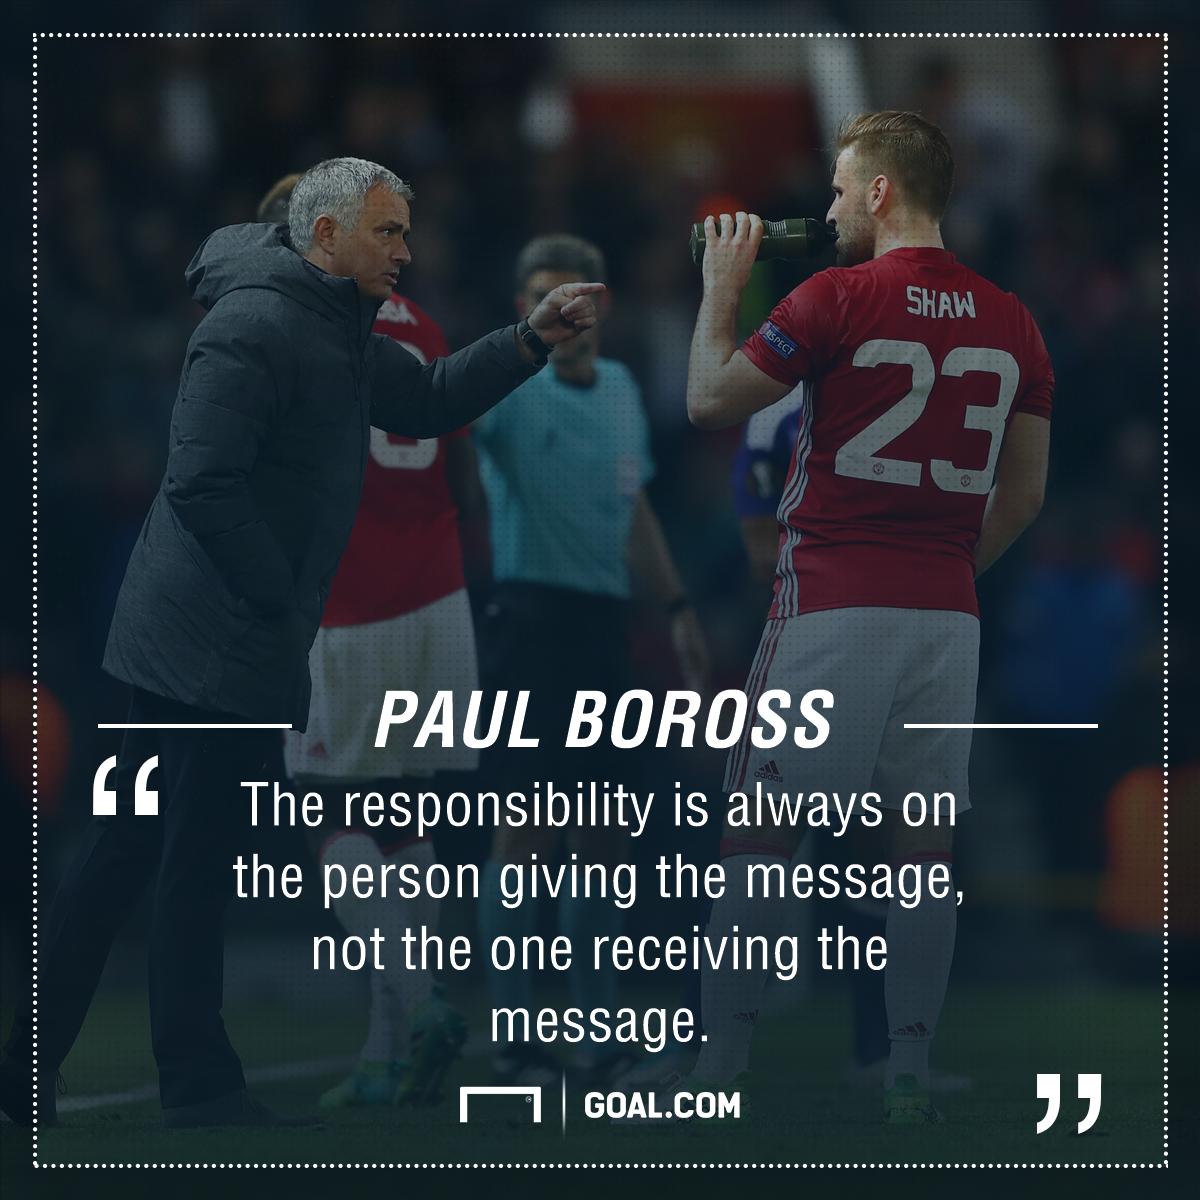 Paul Boross quote